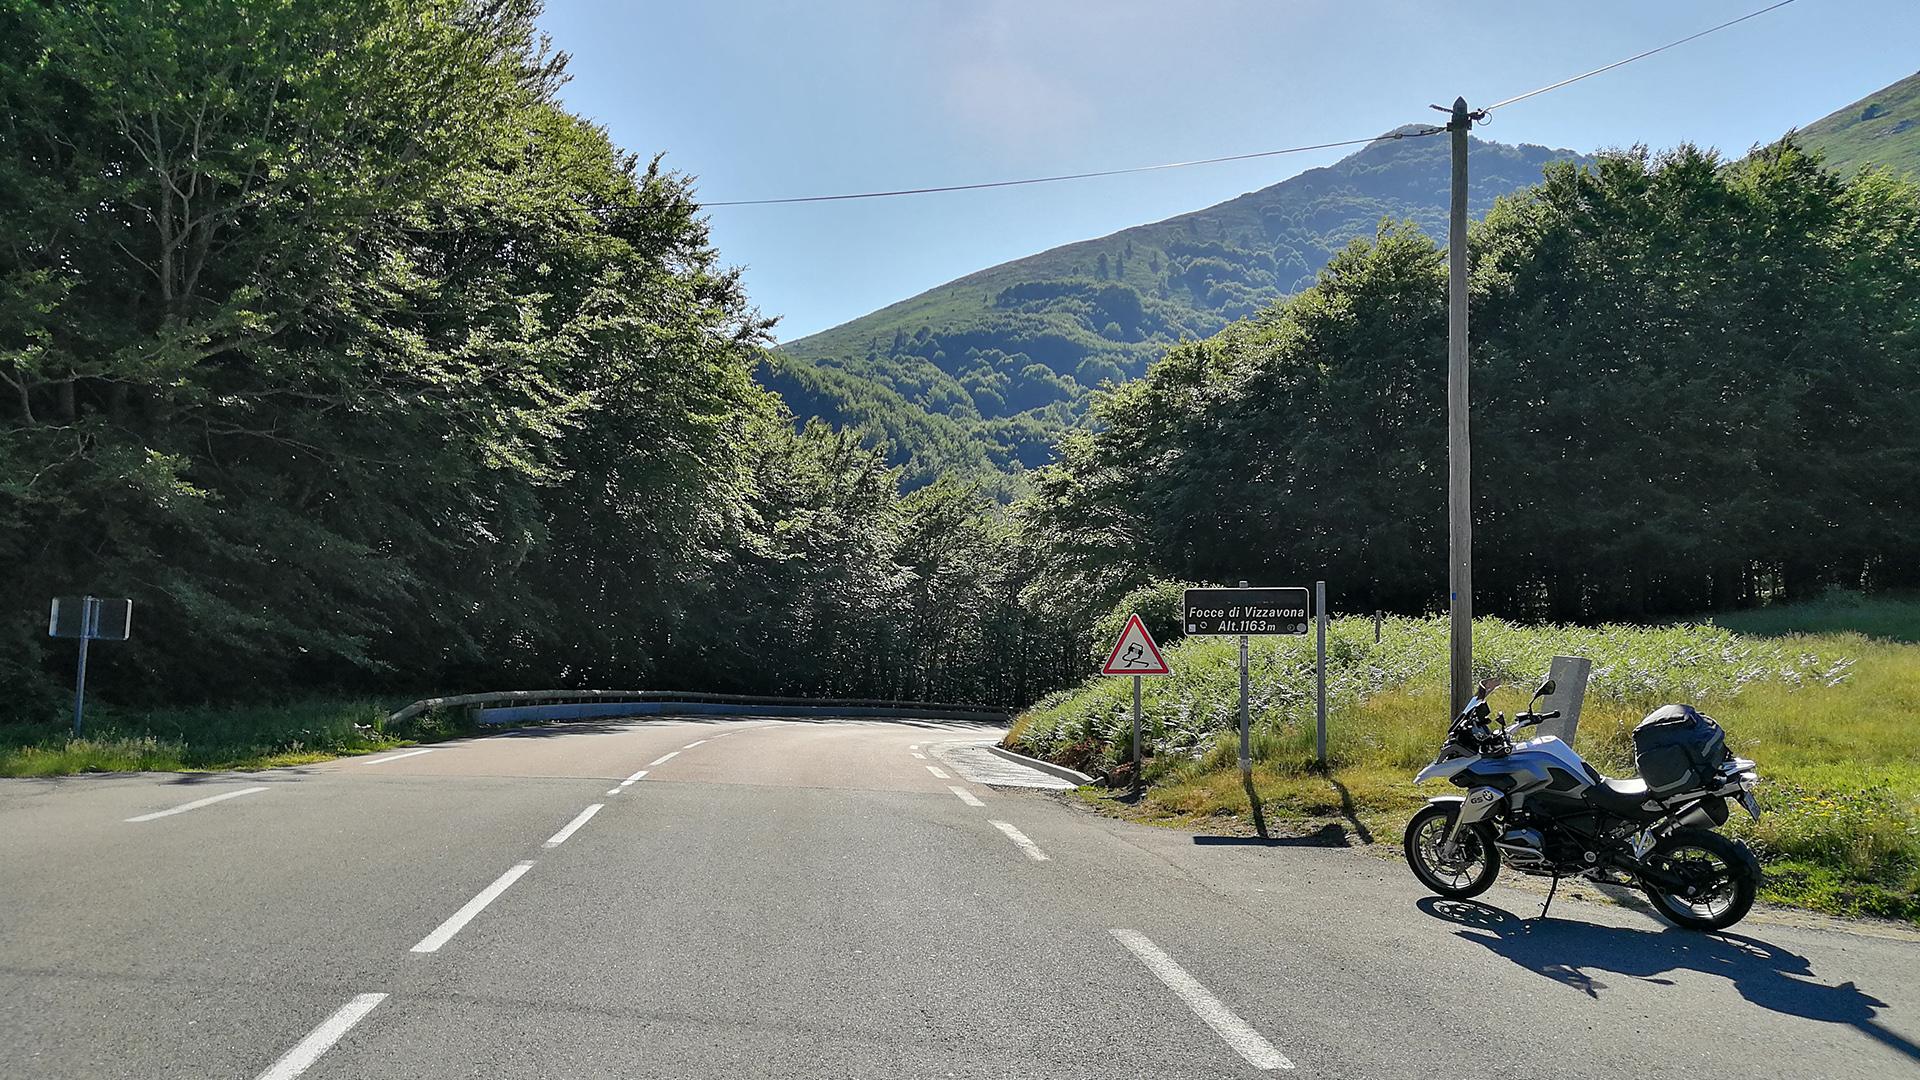 1163 - F (Corse) - Focce di Vizzavona